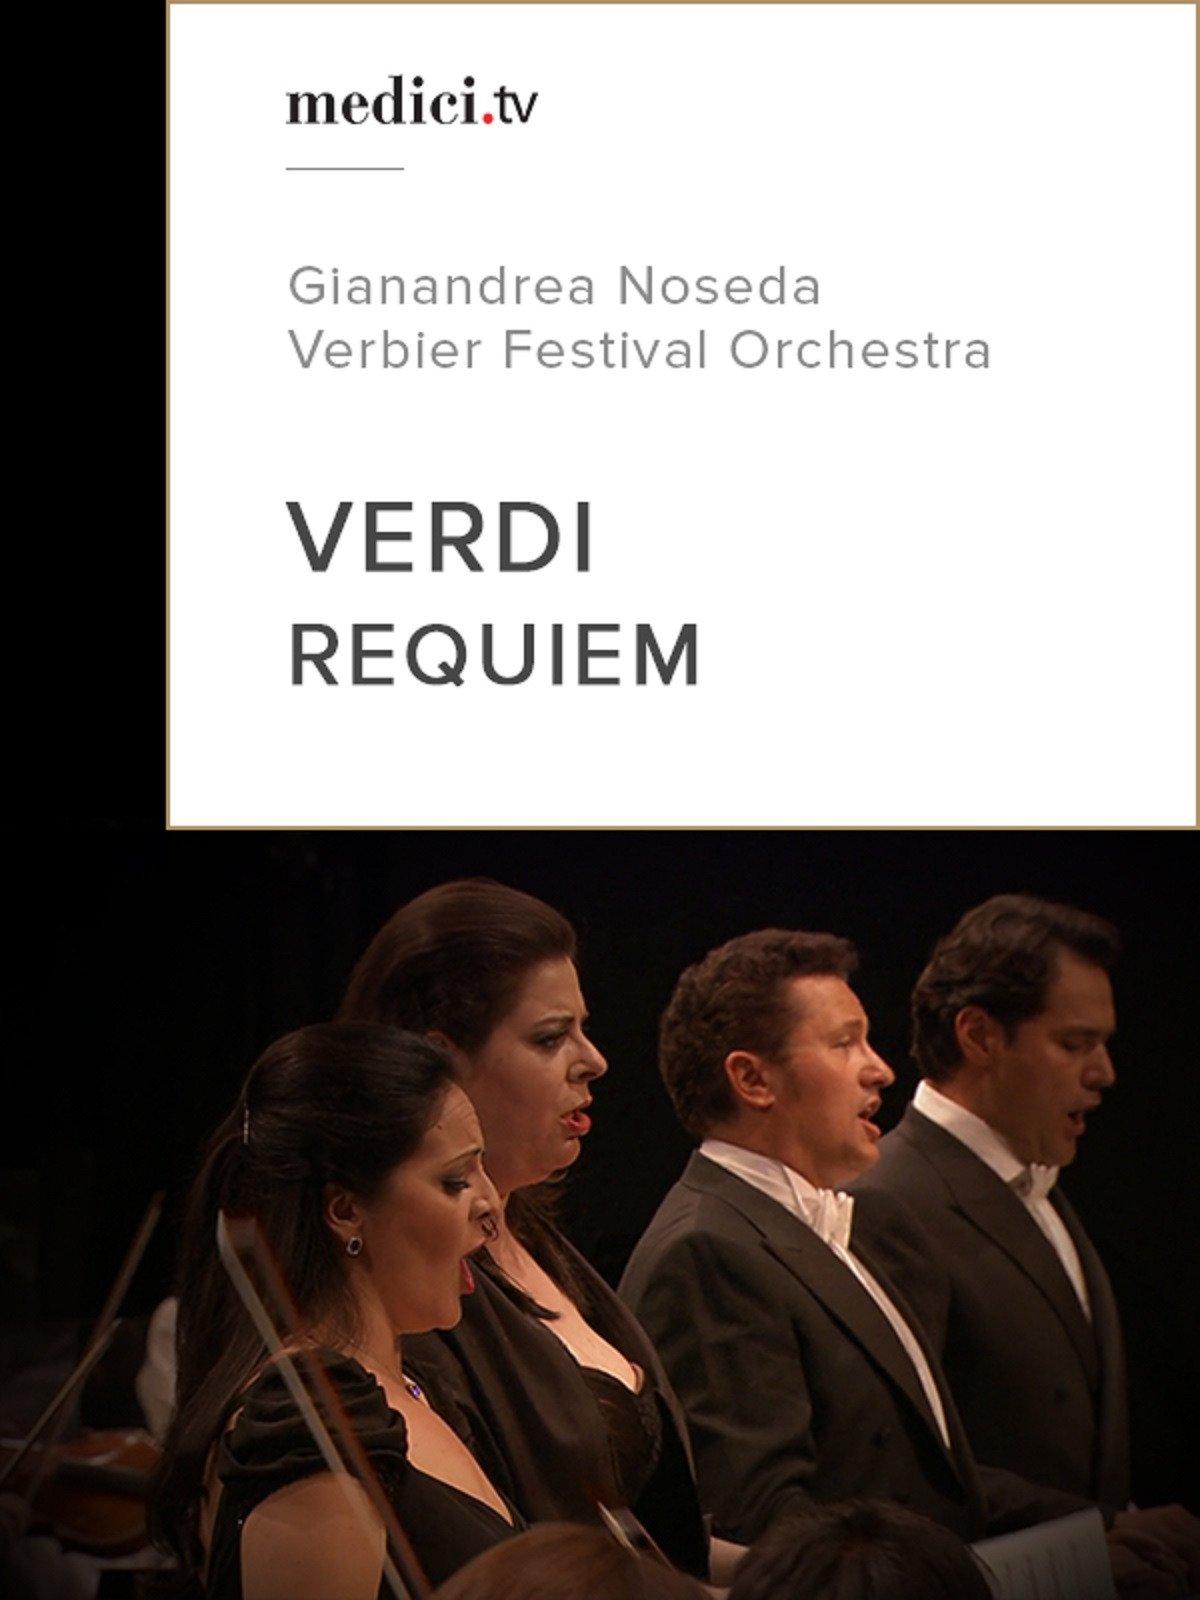 Verdi, Requiem